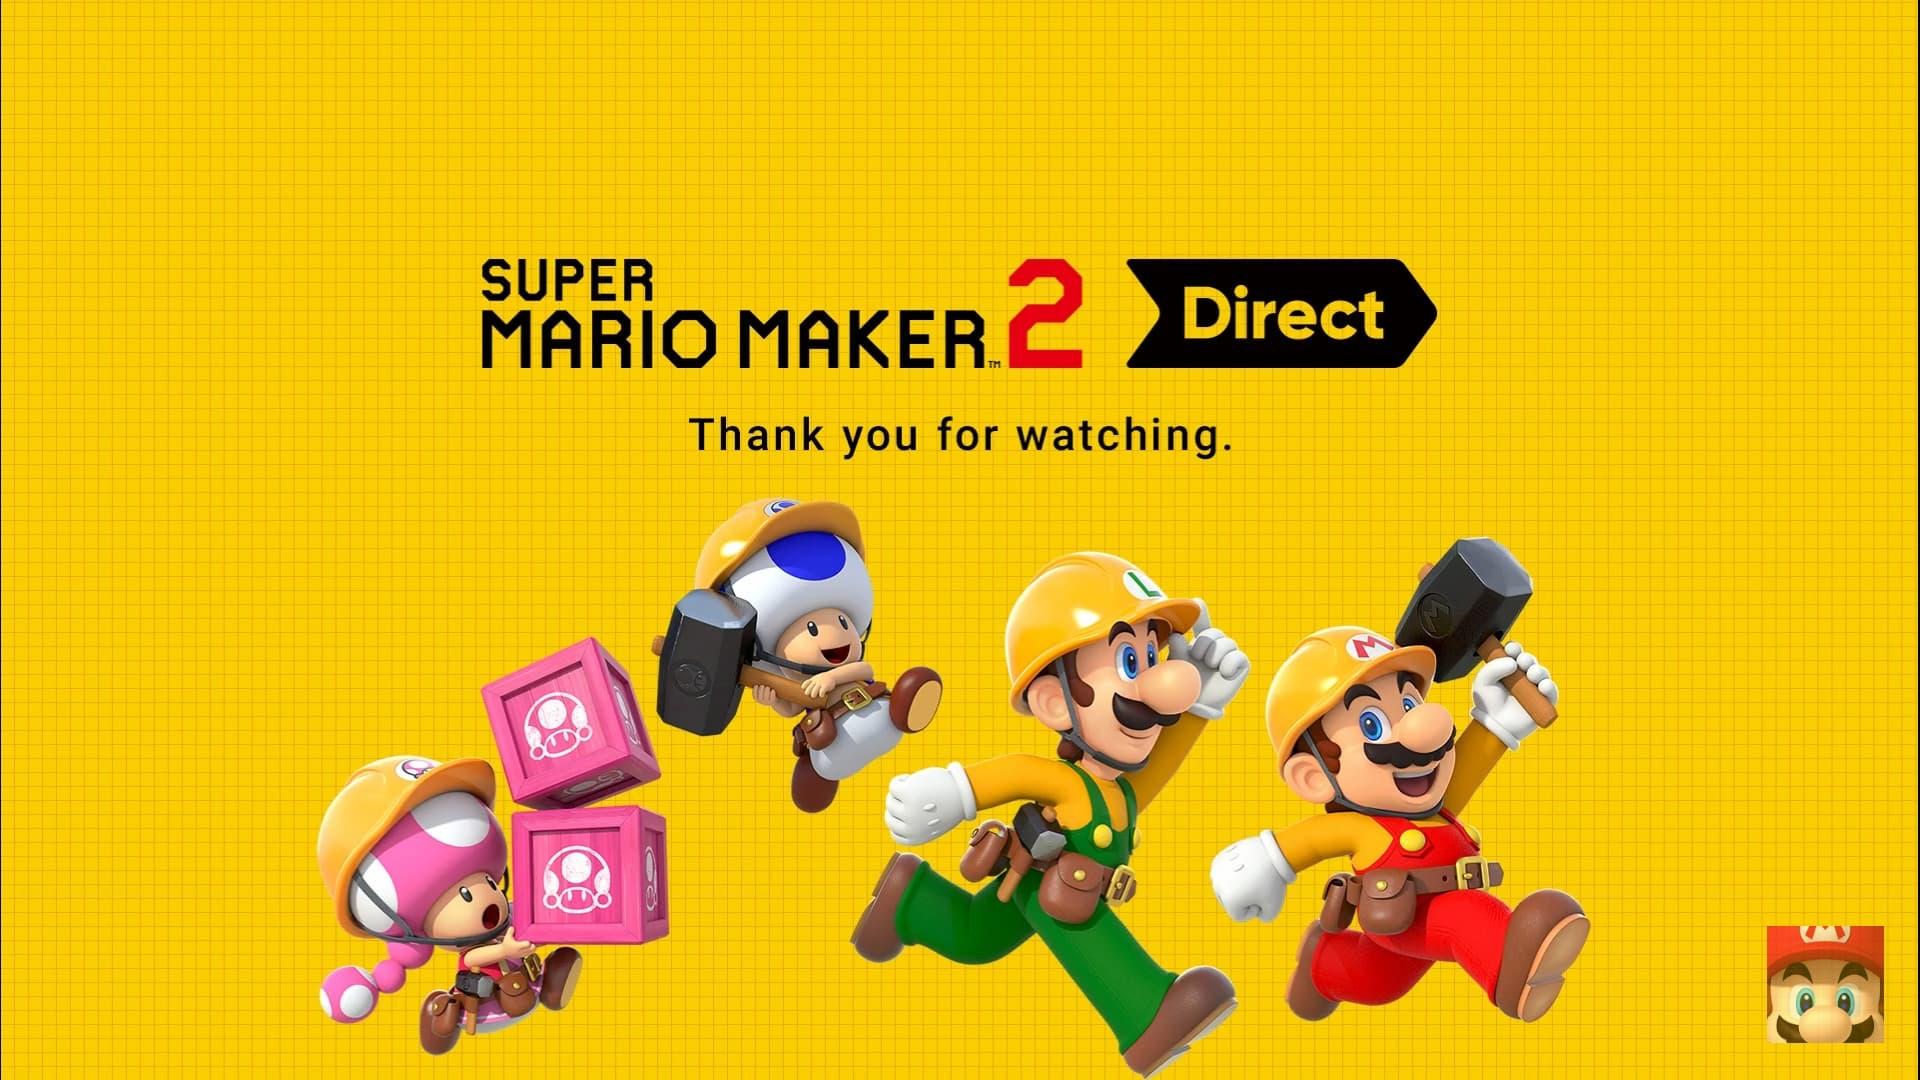 Super-Mario-Maker-2-Direct